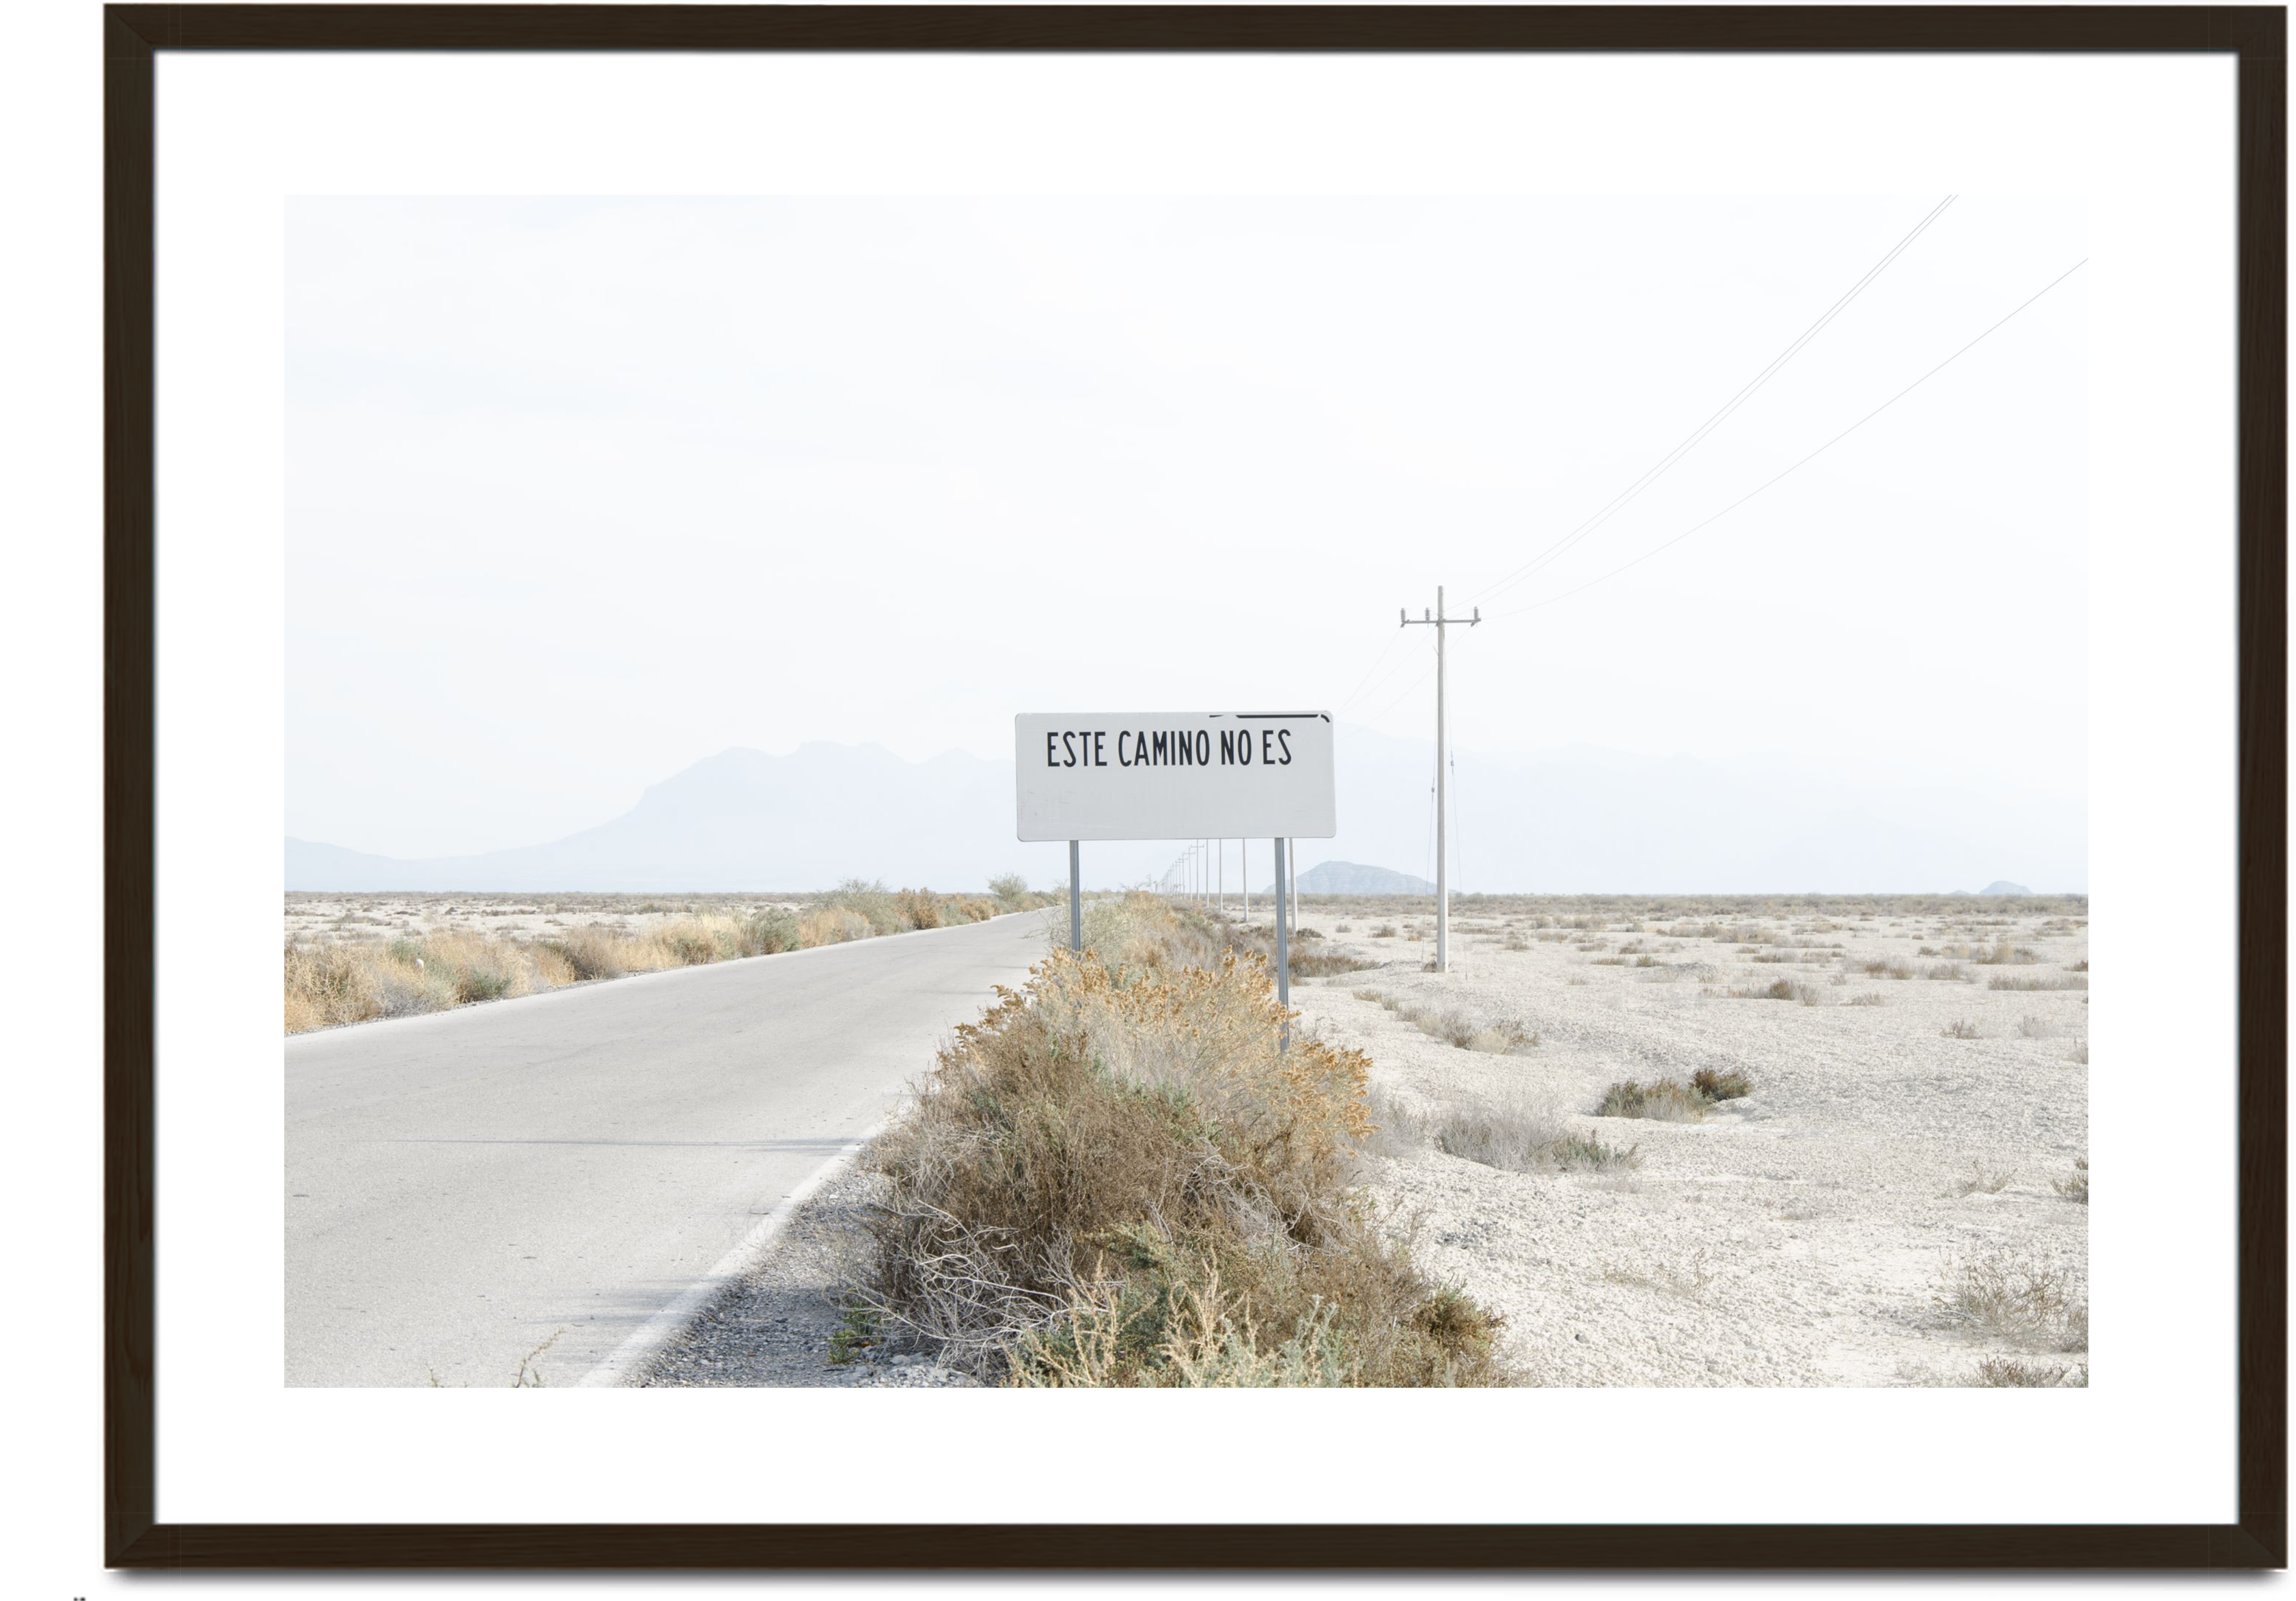 Este camino no es (This is Not the Way), 2017